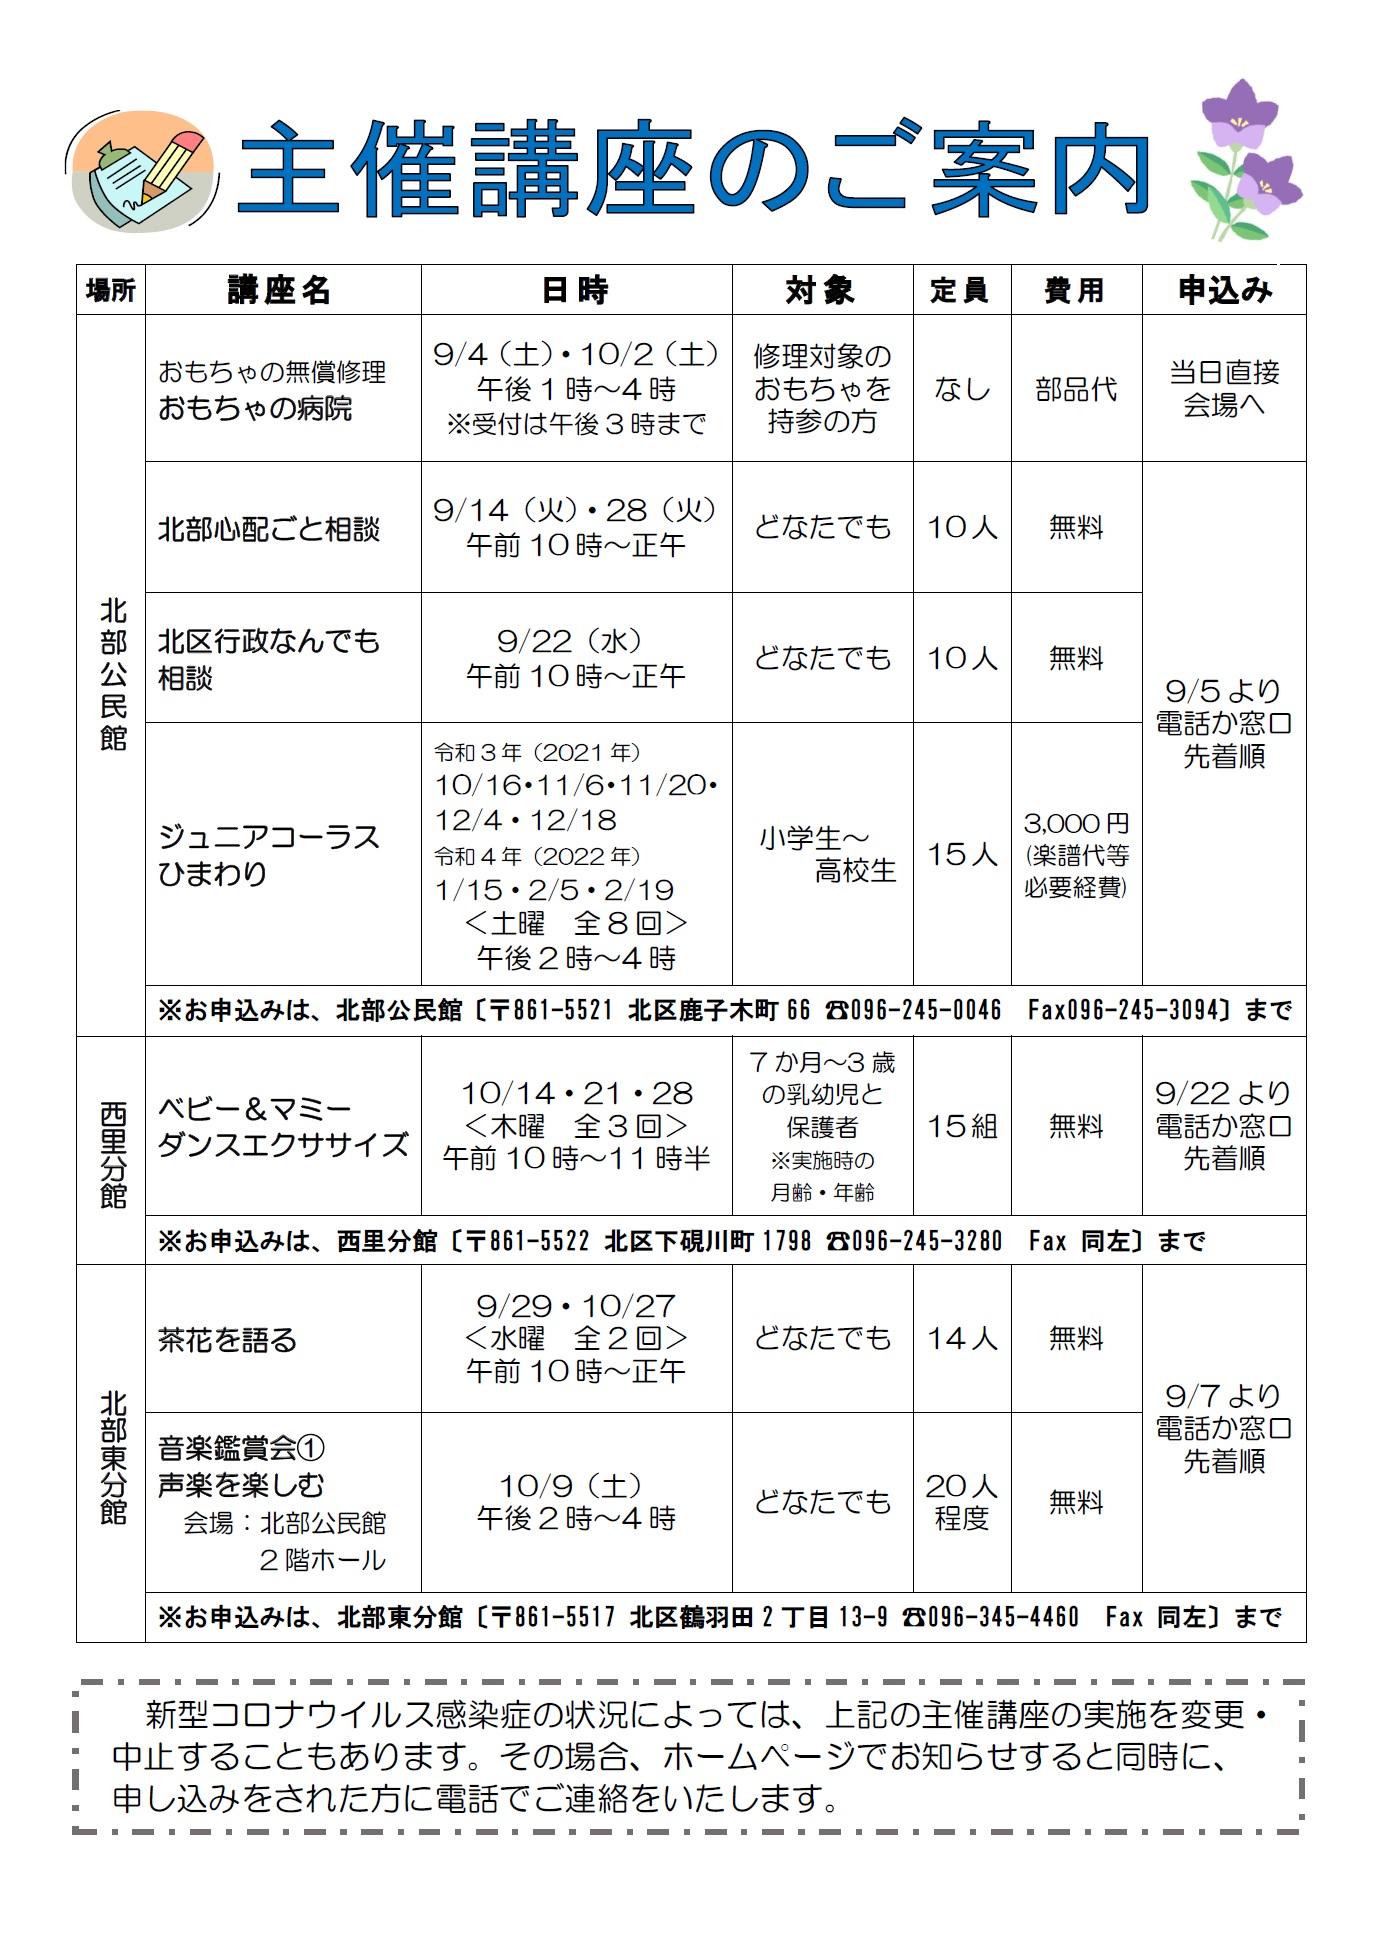 ほくぶつうしん9月号(主催講座)